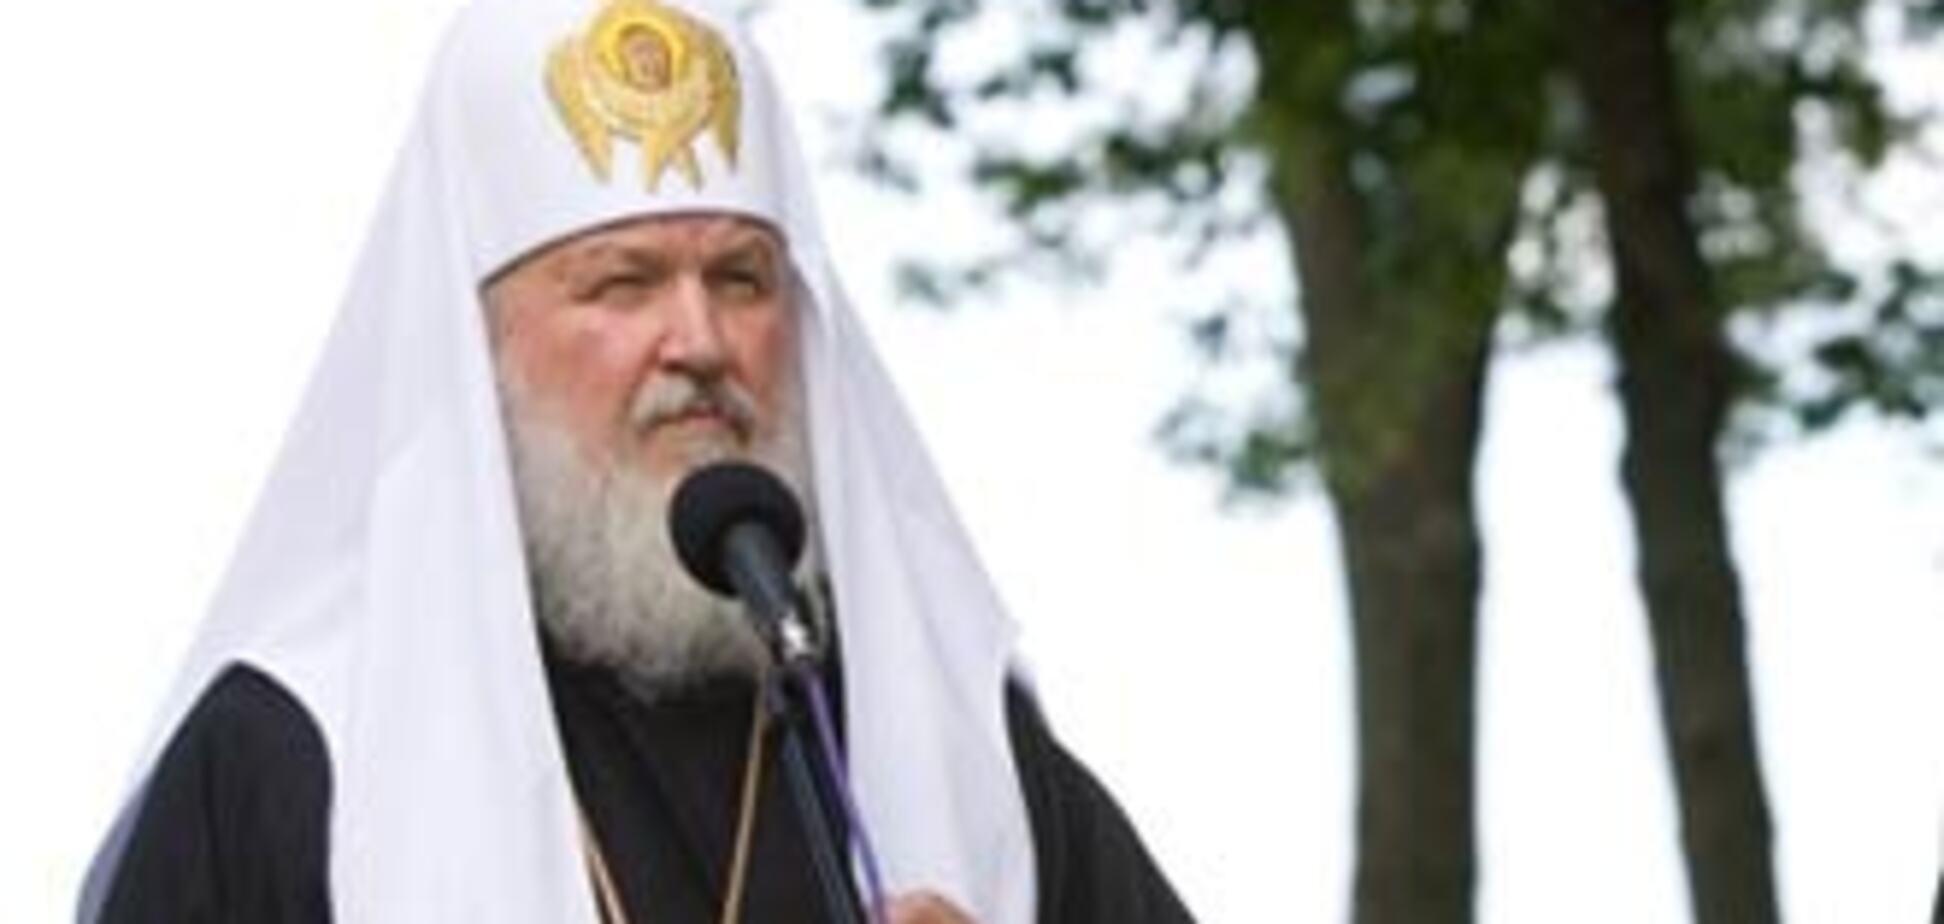 Патриарх Кирилл знает как Украине преодолеть кризис